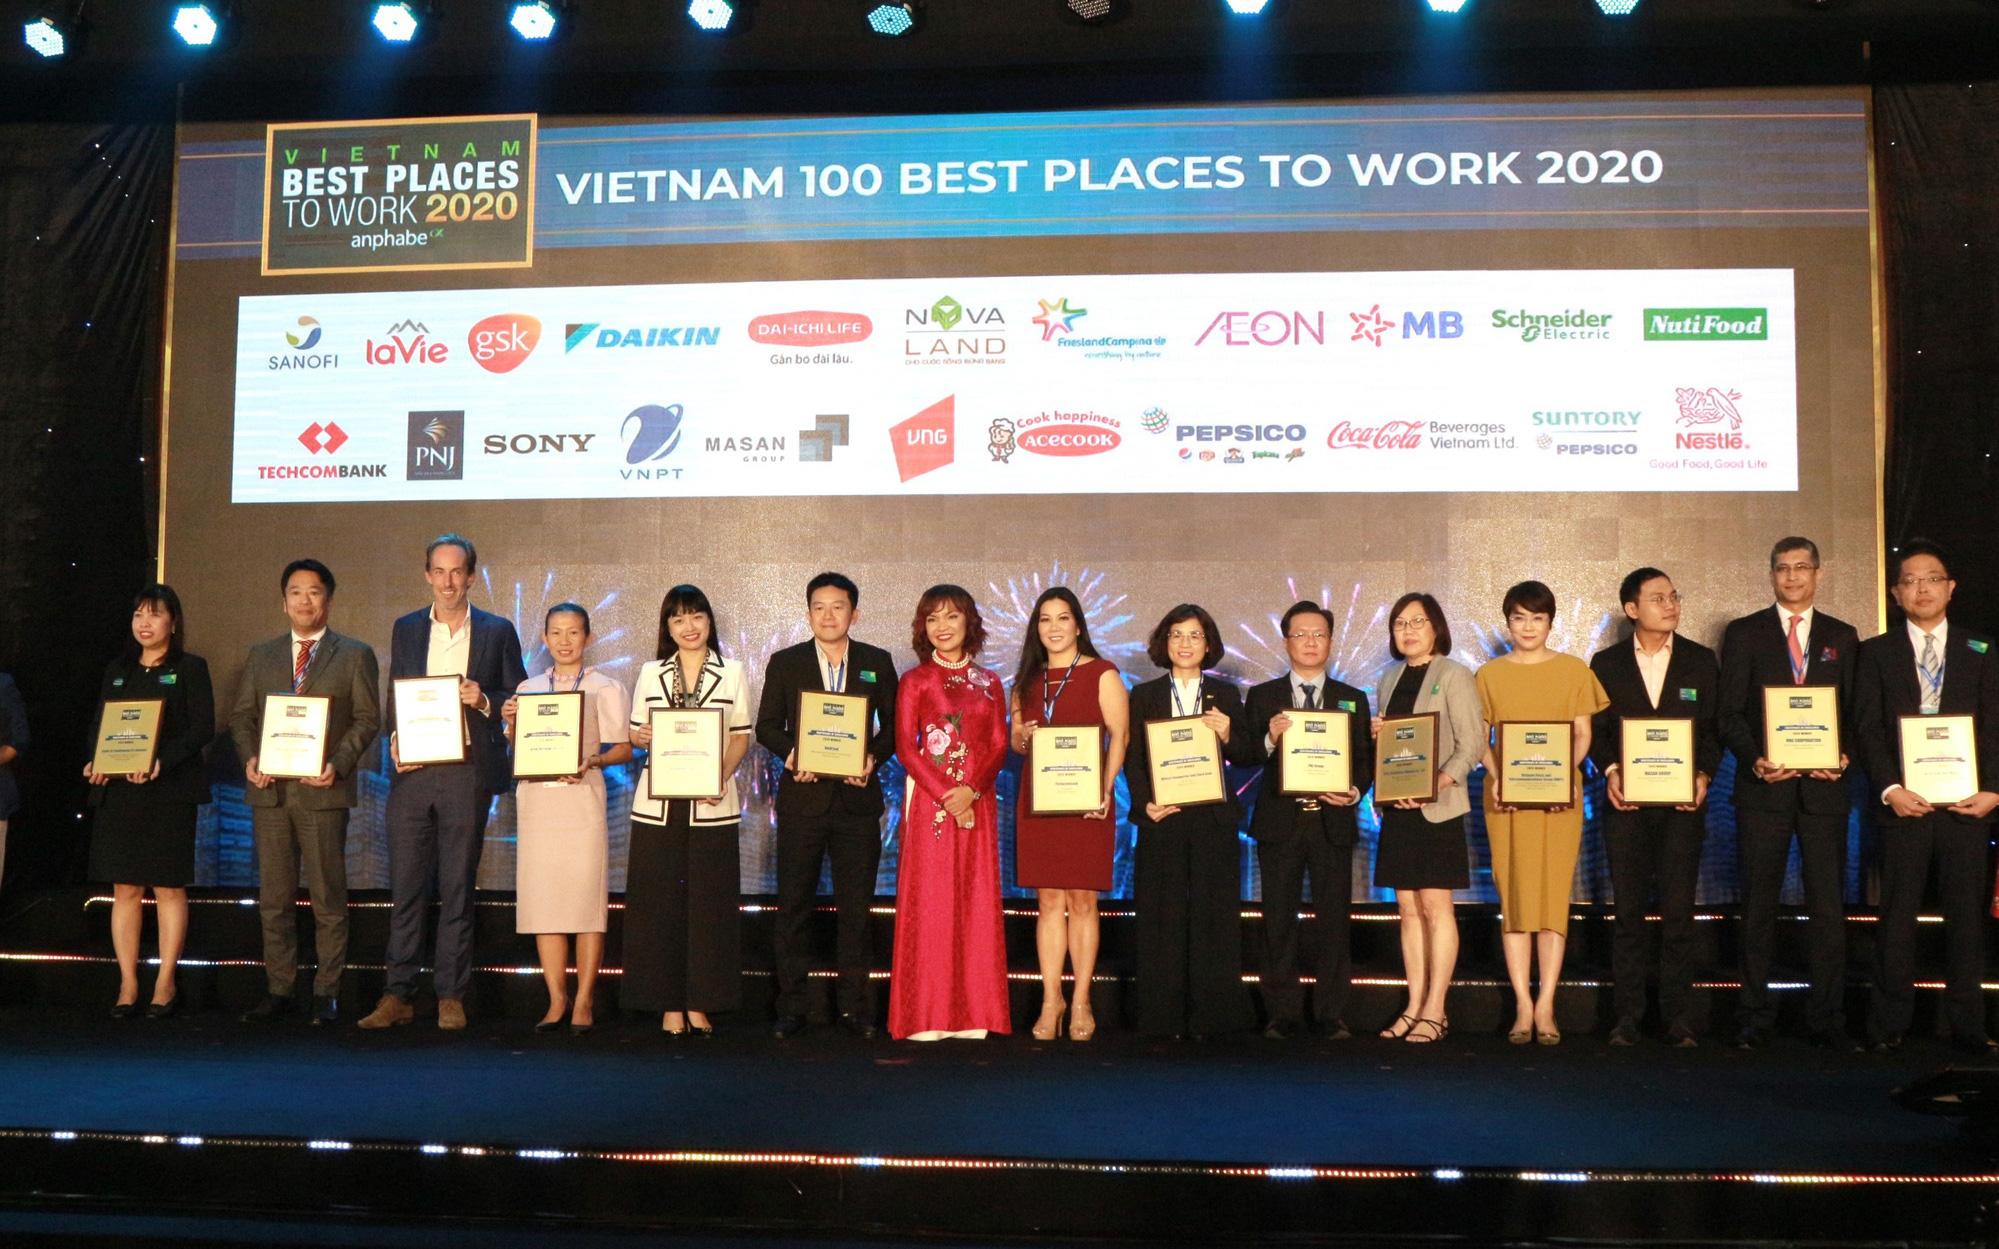 AEON Việt Nam tăng 52 bậc trong top 100 nơi làm việc tốt nhất Việt Nam